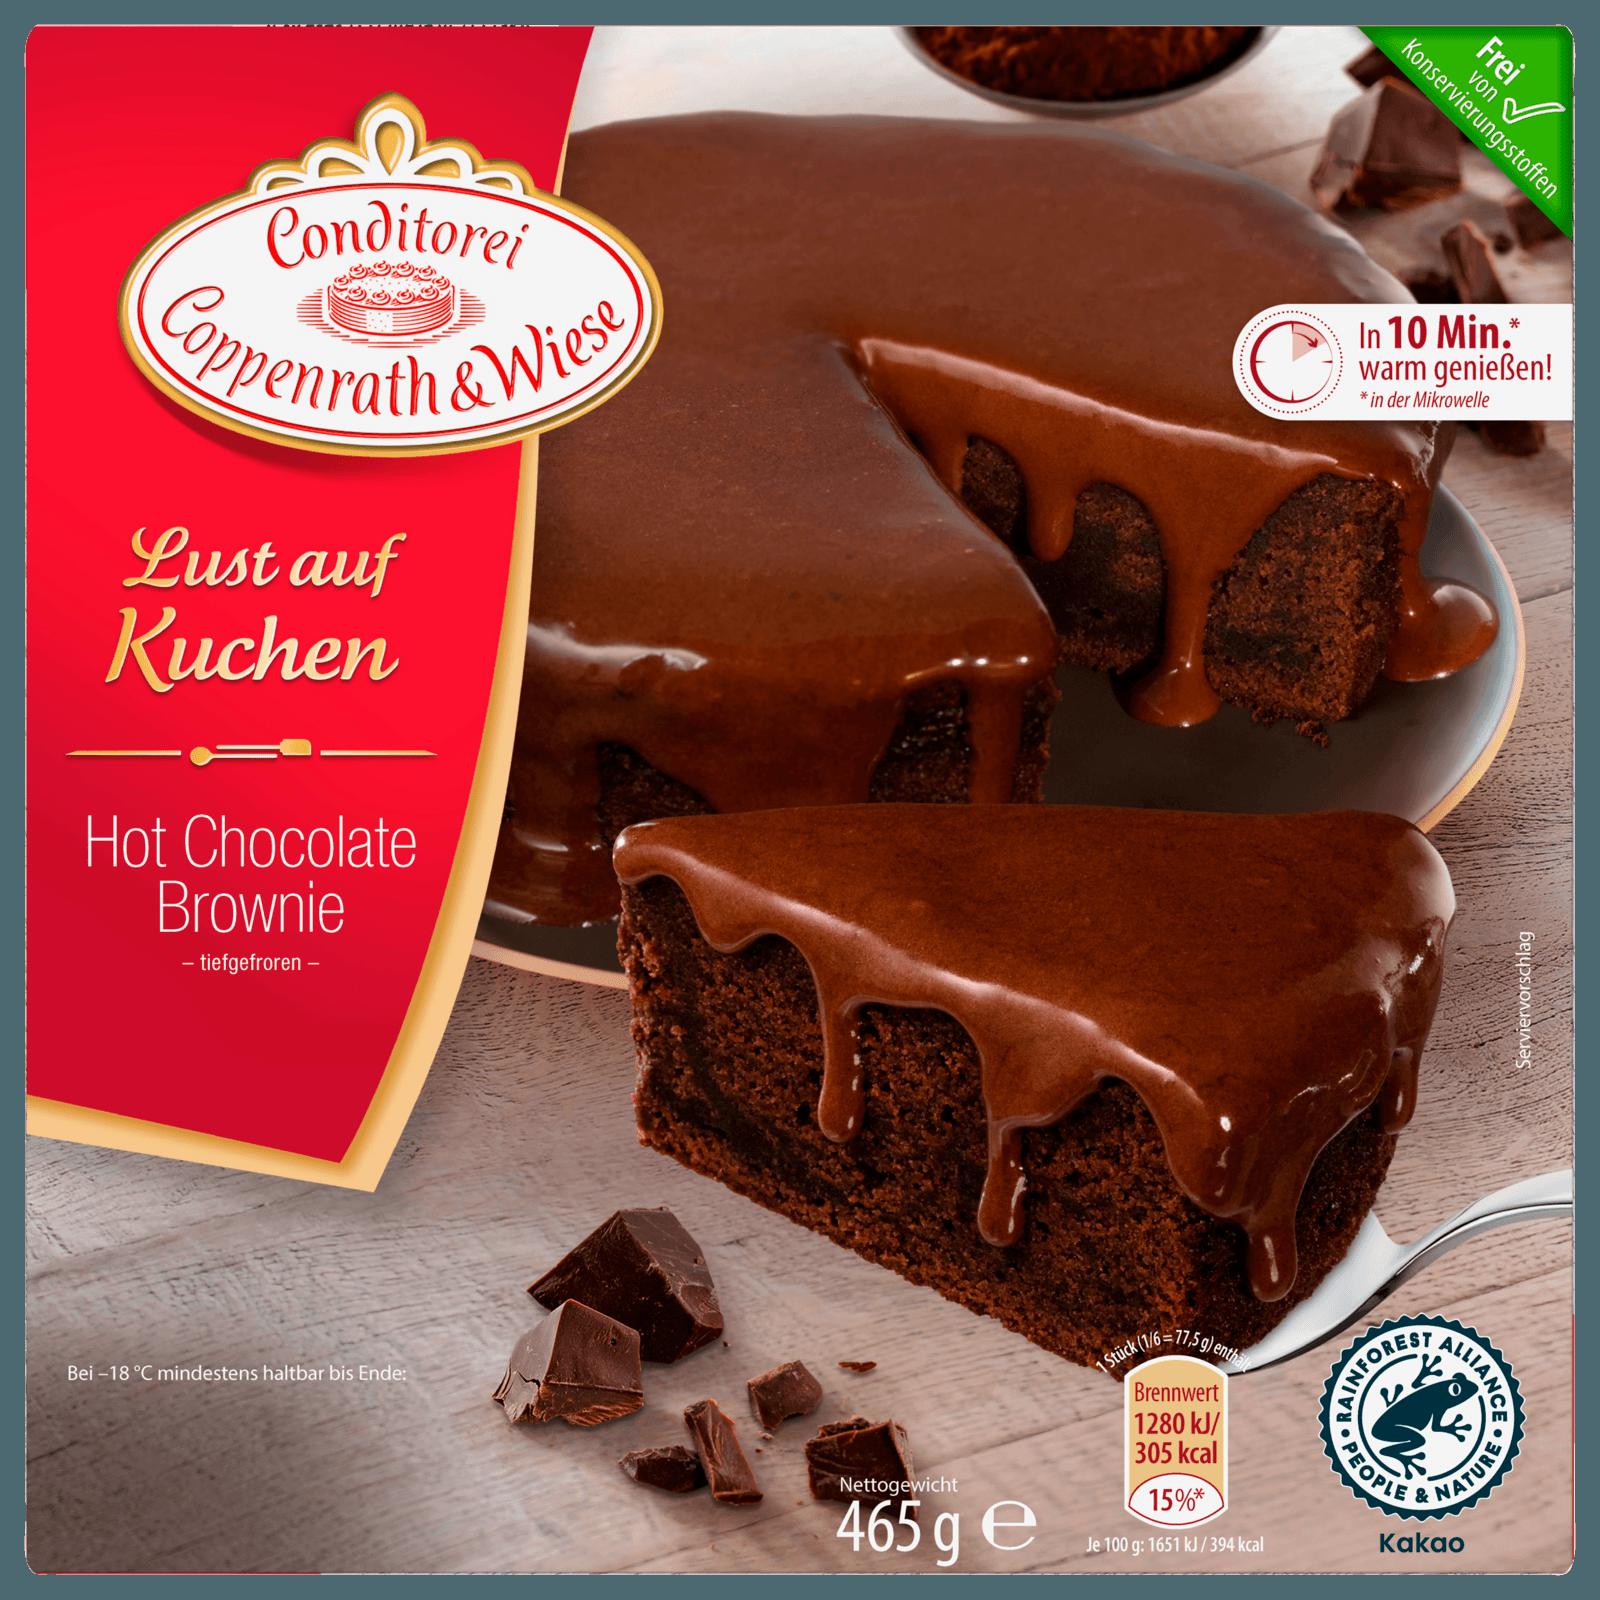 Conditorei Coppenrath Und Wiese Lust Auf Kuchen Hot Chocolate